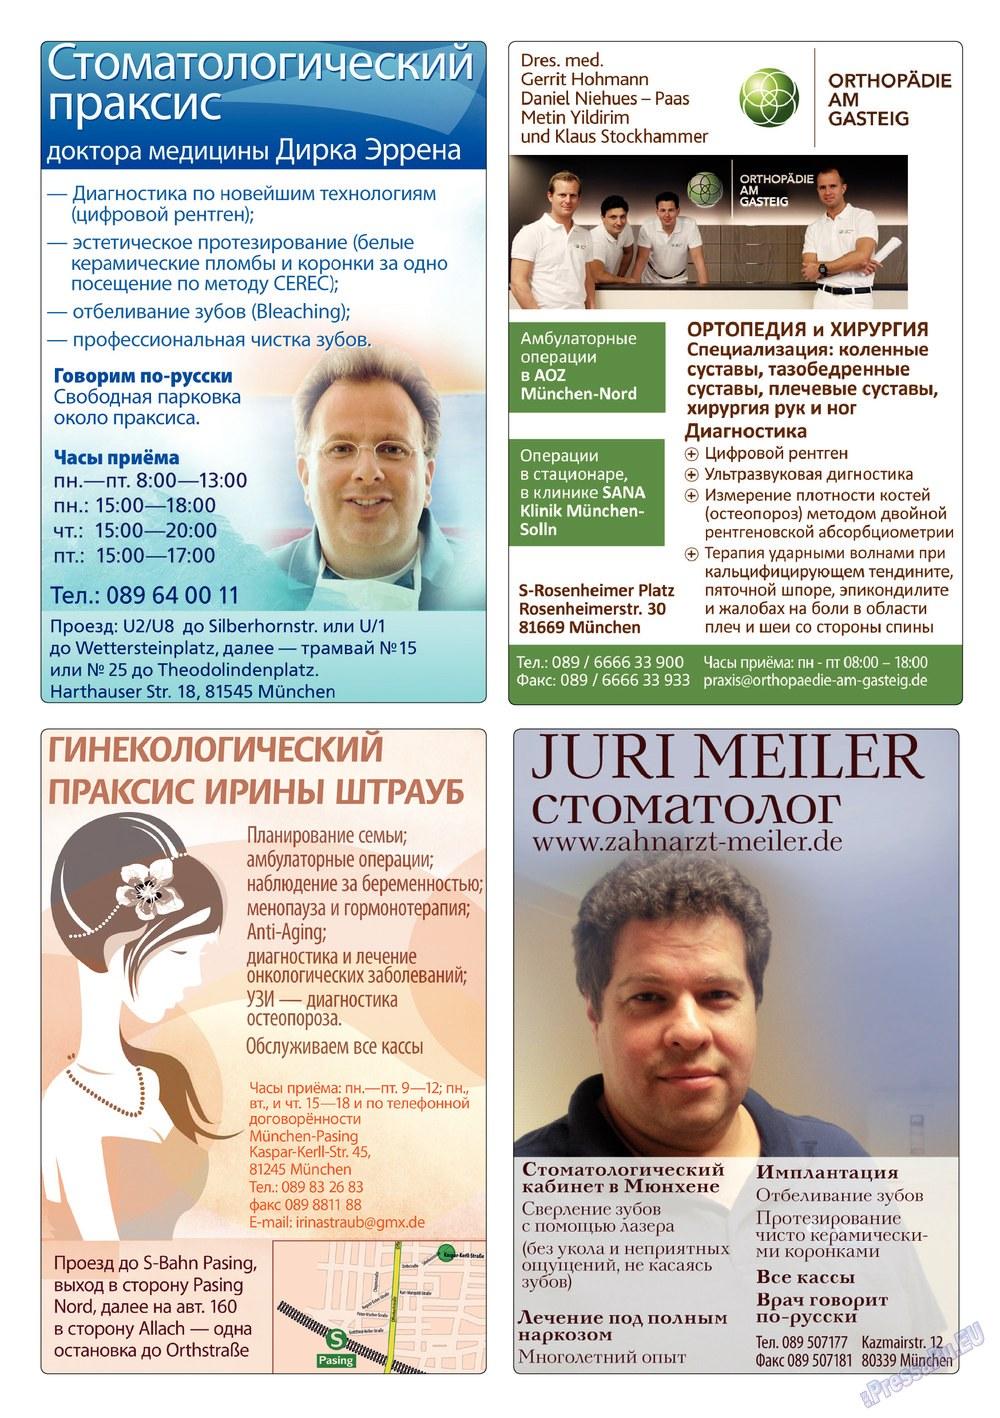 Апельсин (журнал). 2013 год, номер 47, стр. 45